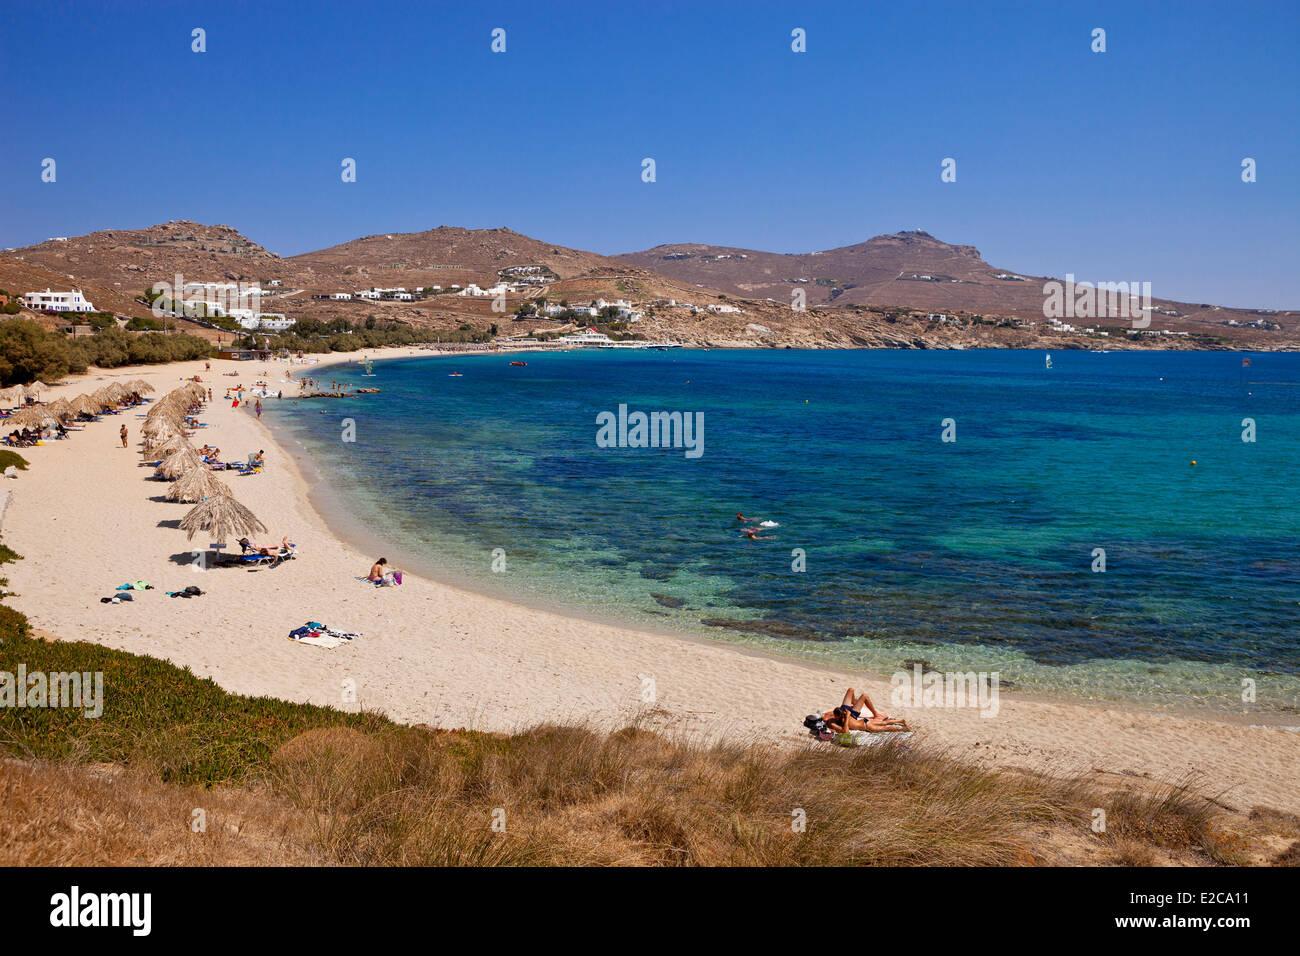 En Grecia, las Islas Cícladas, la isla de Mykonos, Kalafatis beach Imagen De Stock